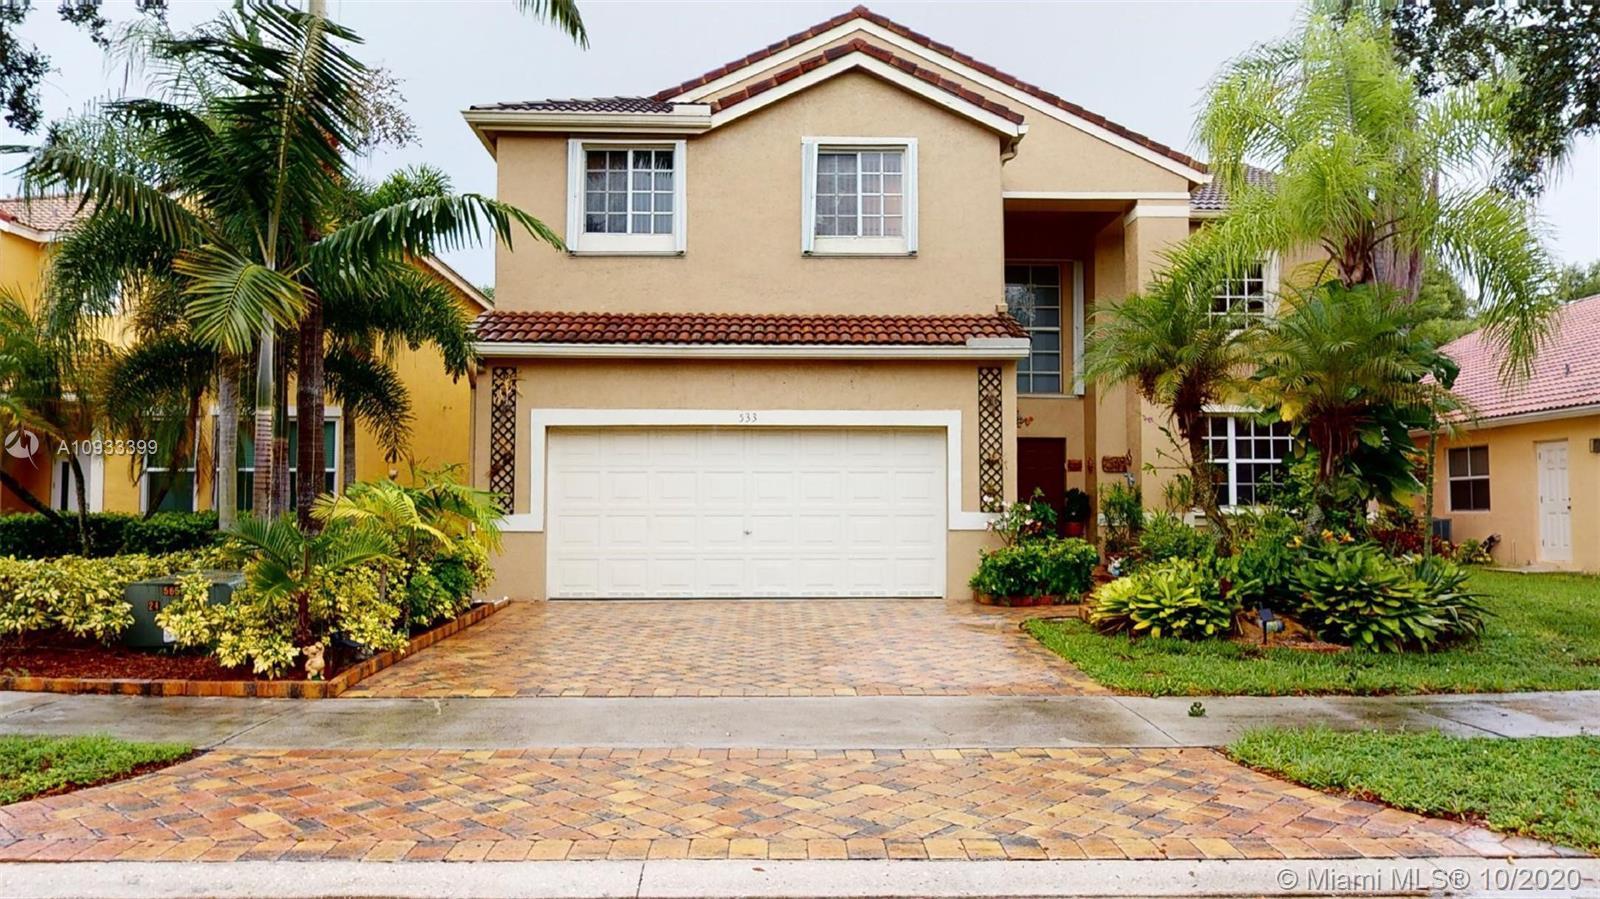 533 Slippery Rock Rd, Weston, FL, 33327